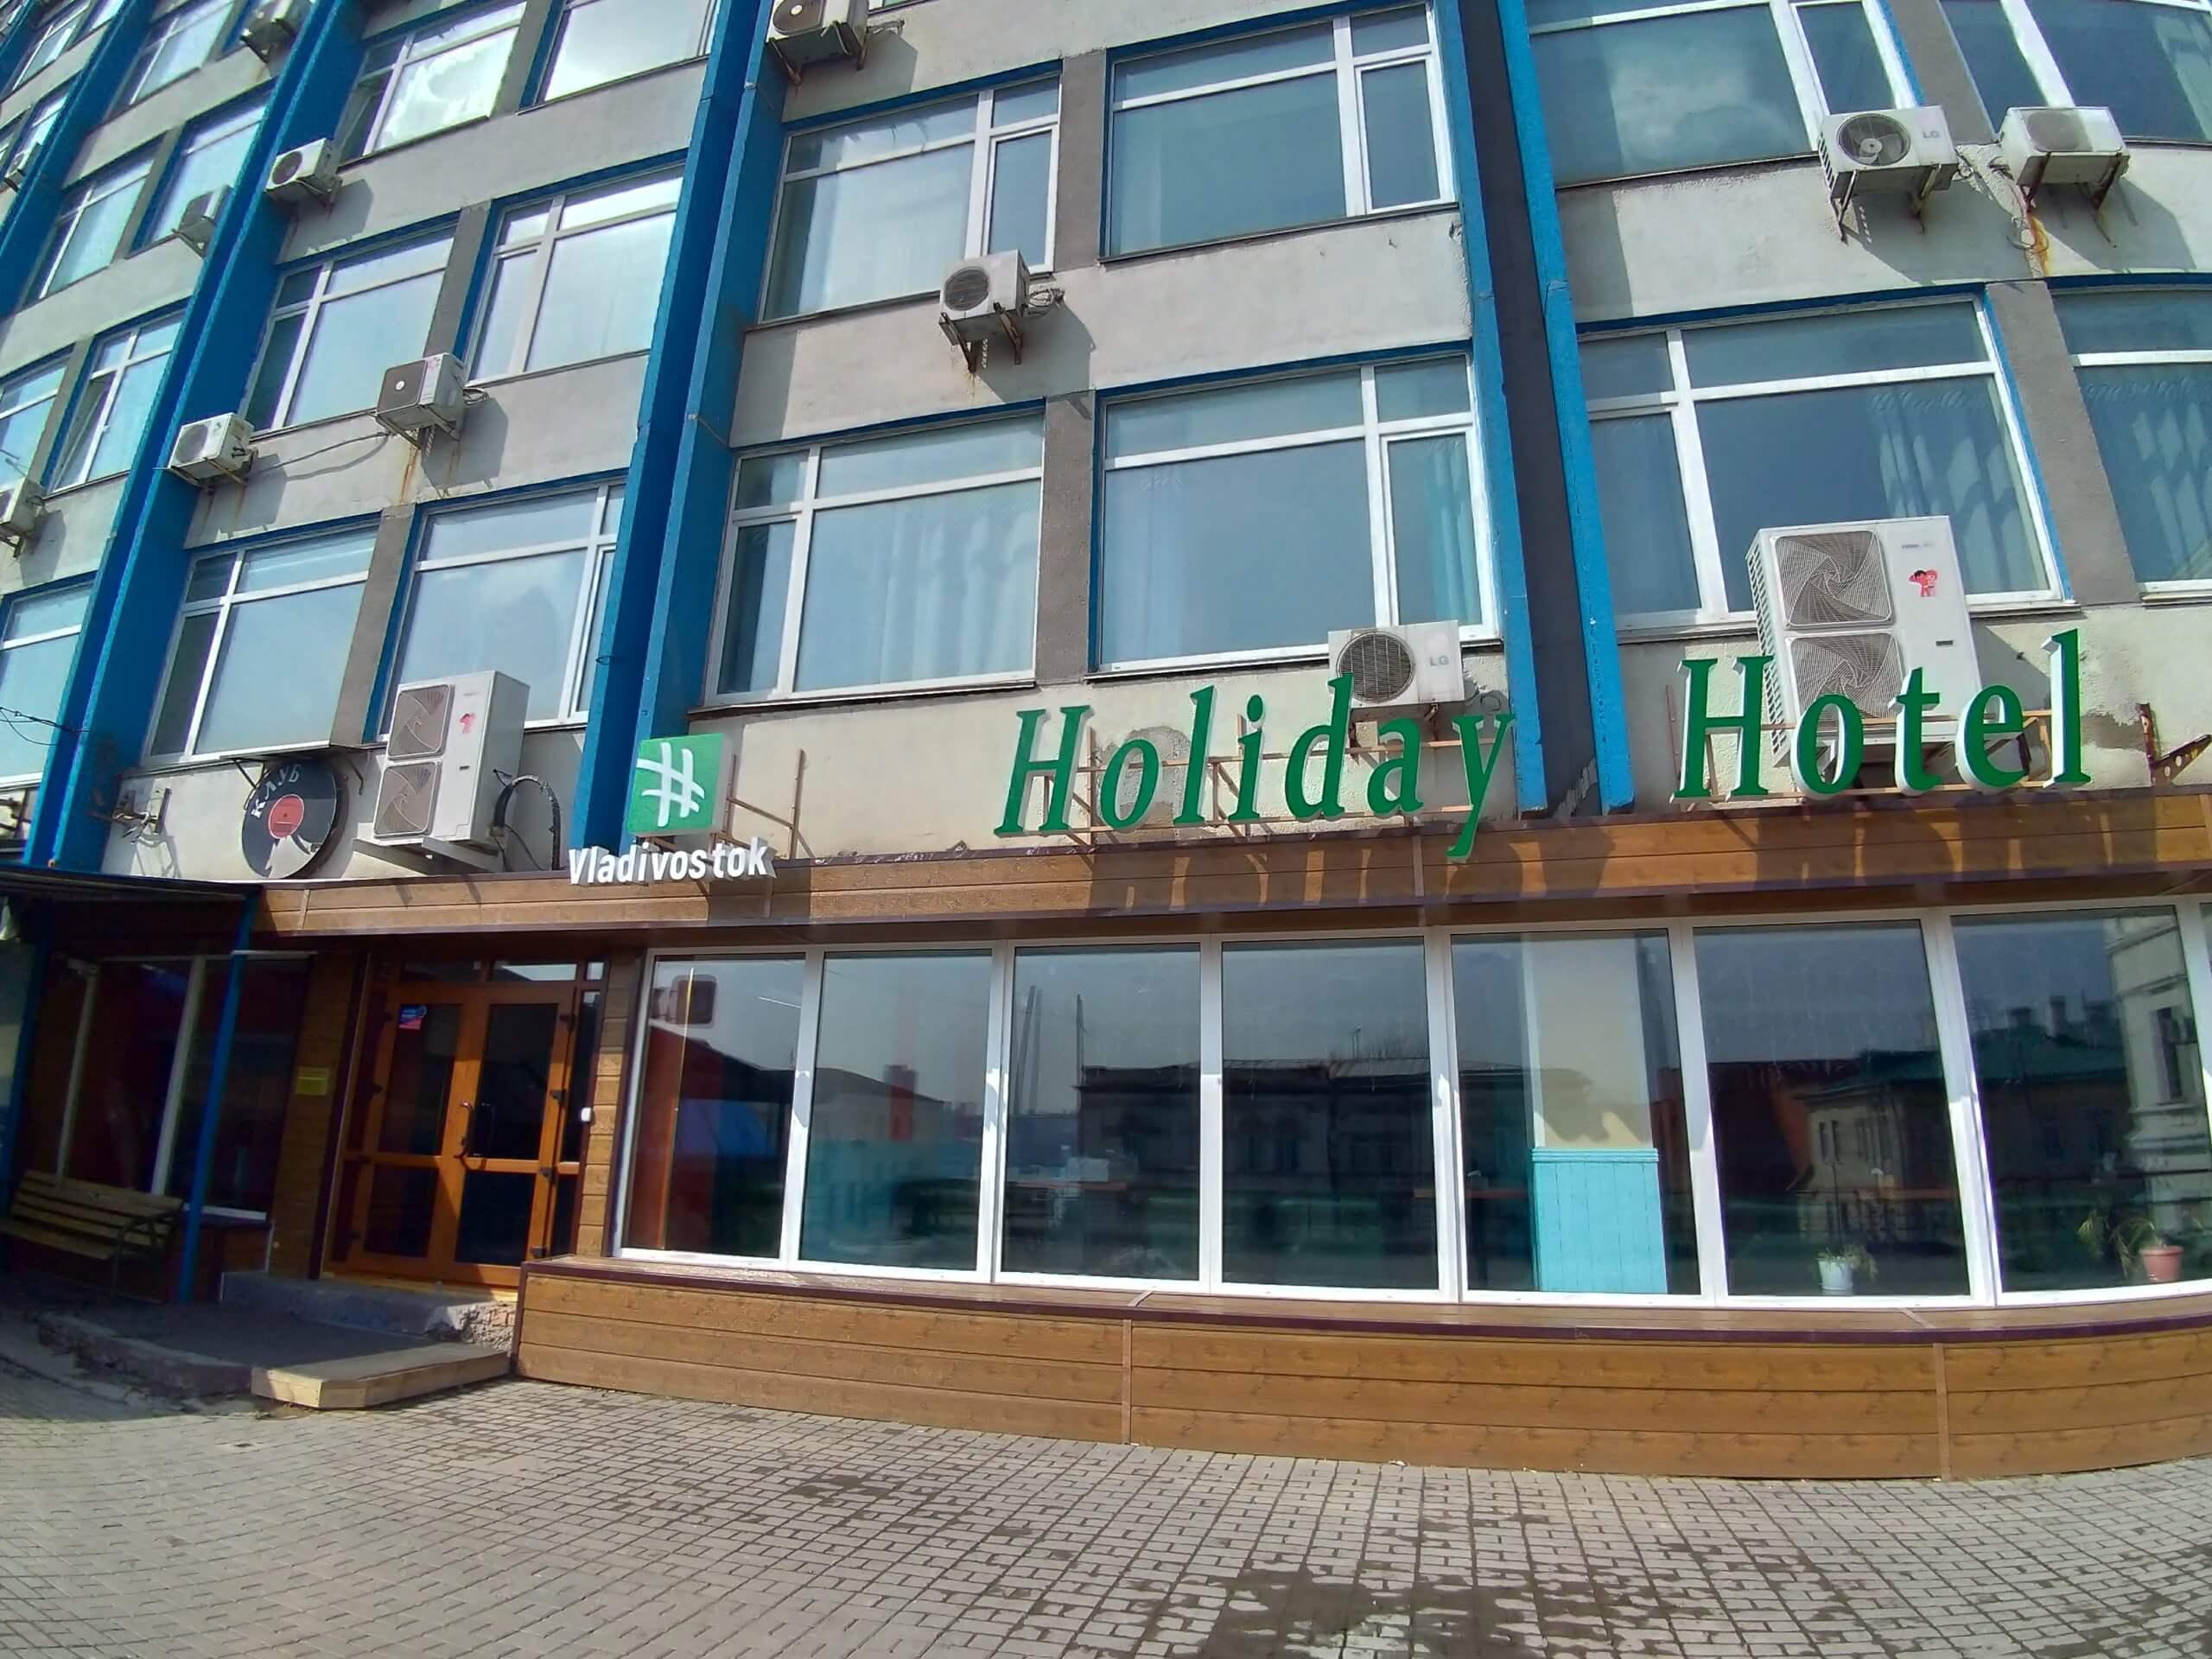 「Holiday Hotel」 スタッフが優しいです